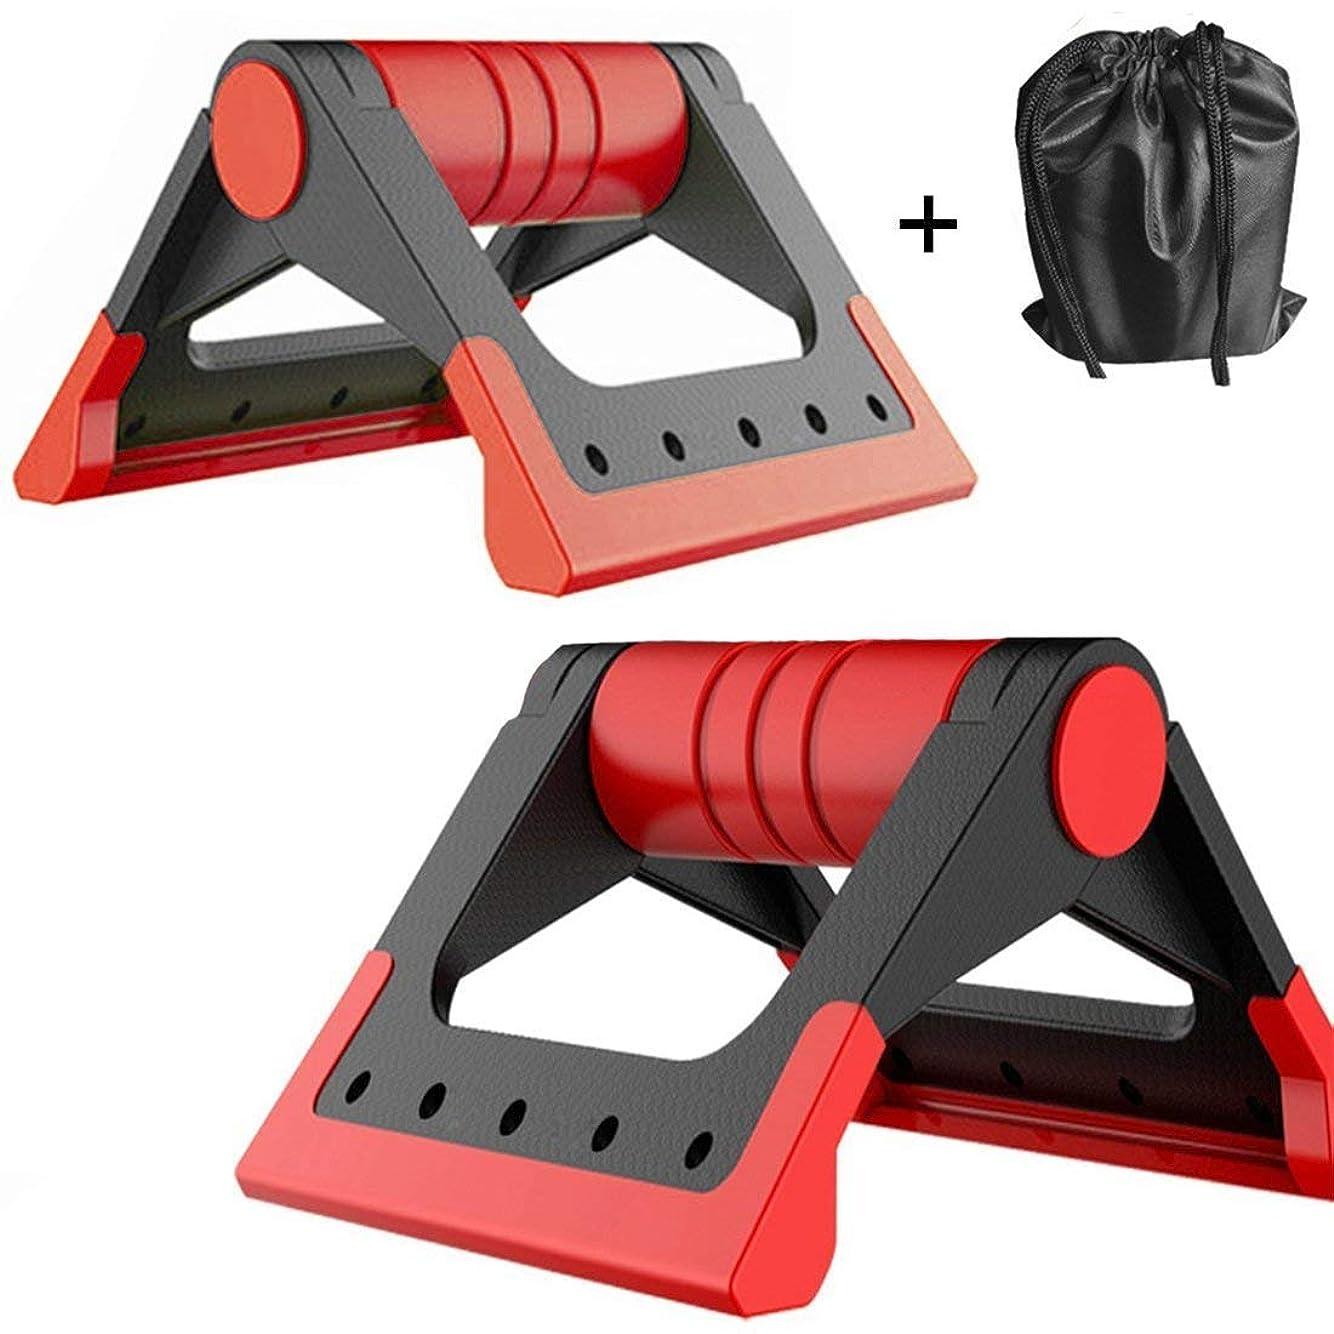 ロック解除無一文芝生Reodoeer 金属製 プッシュアップバー プッシュアップスタンド 筋肉トレーニング 腕立て伏せ